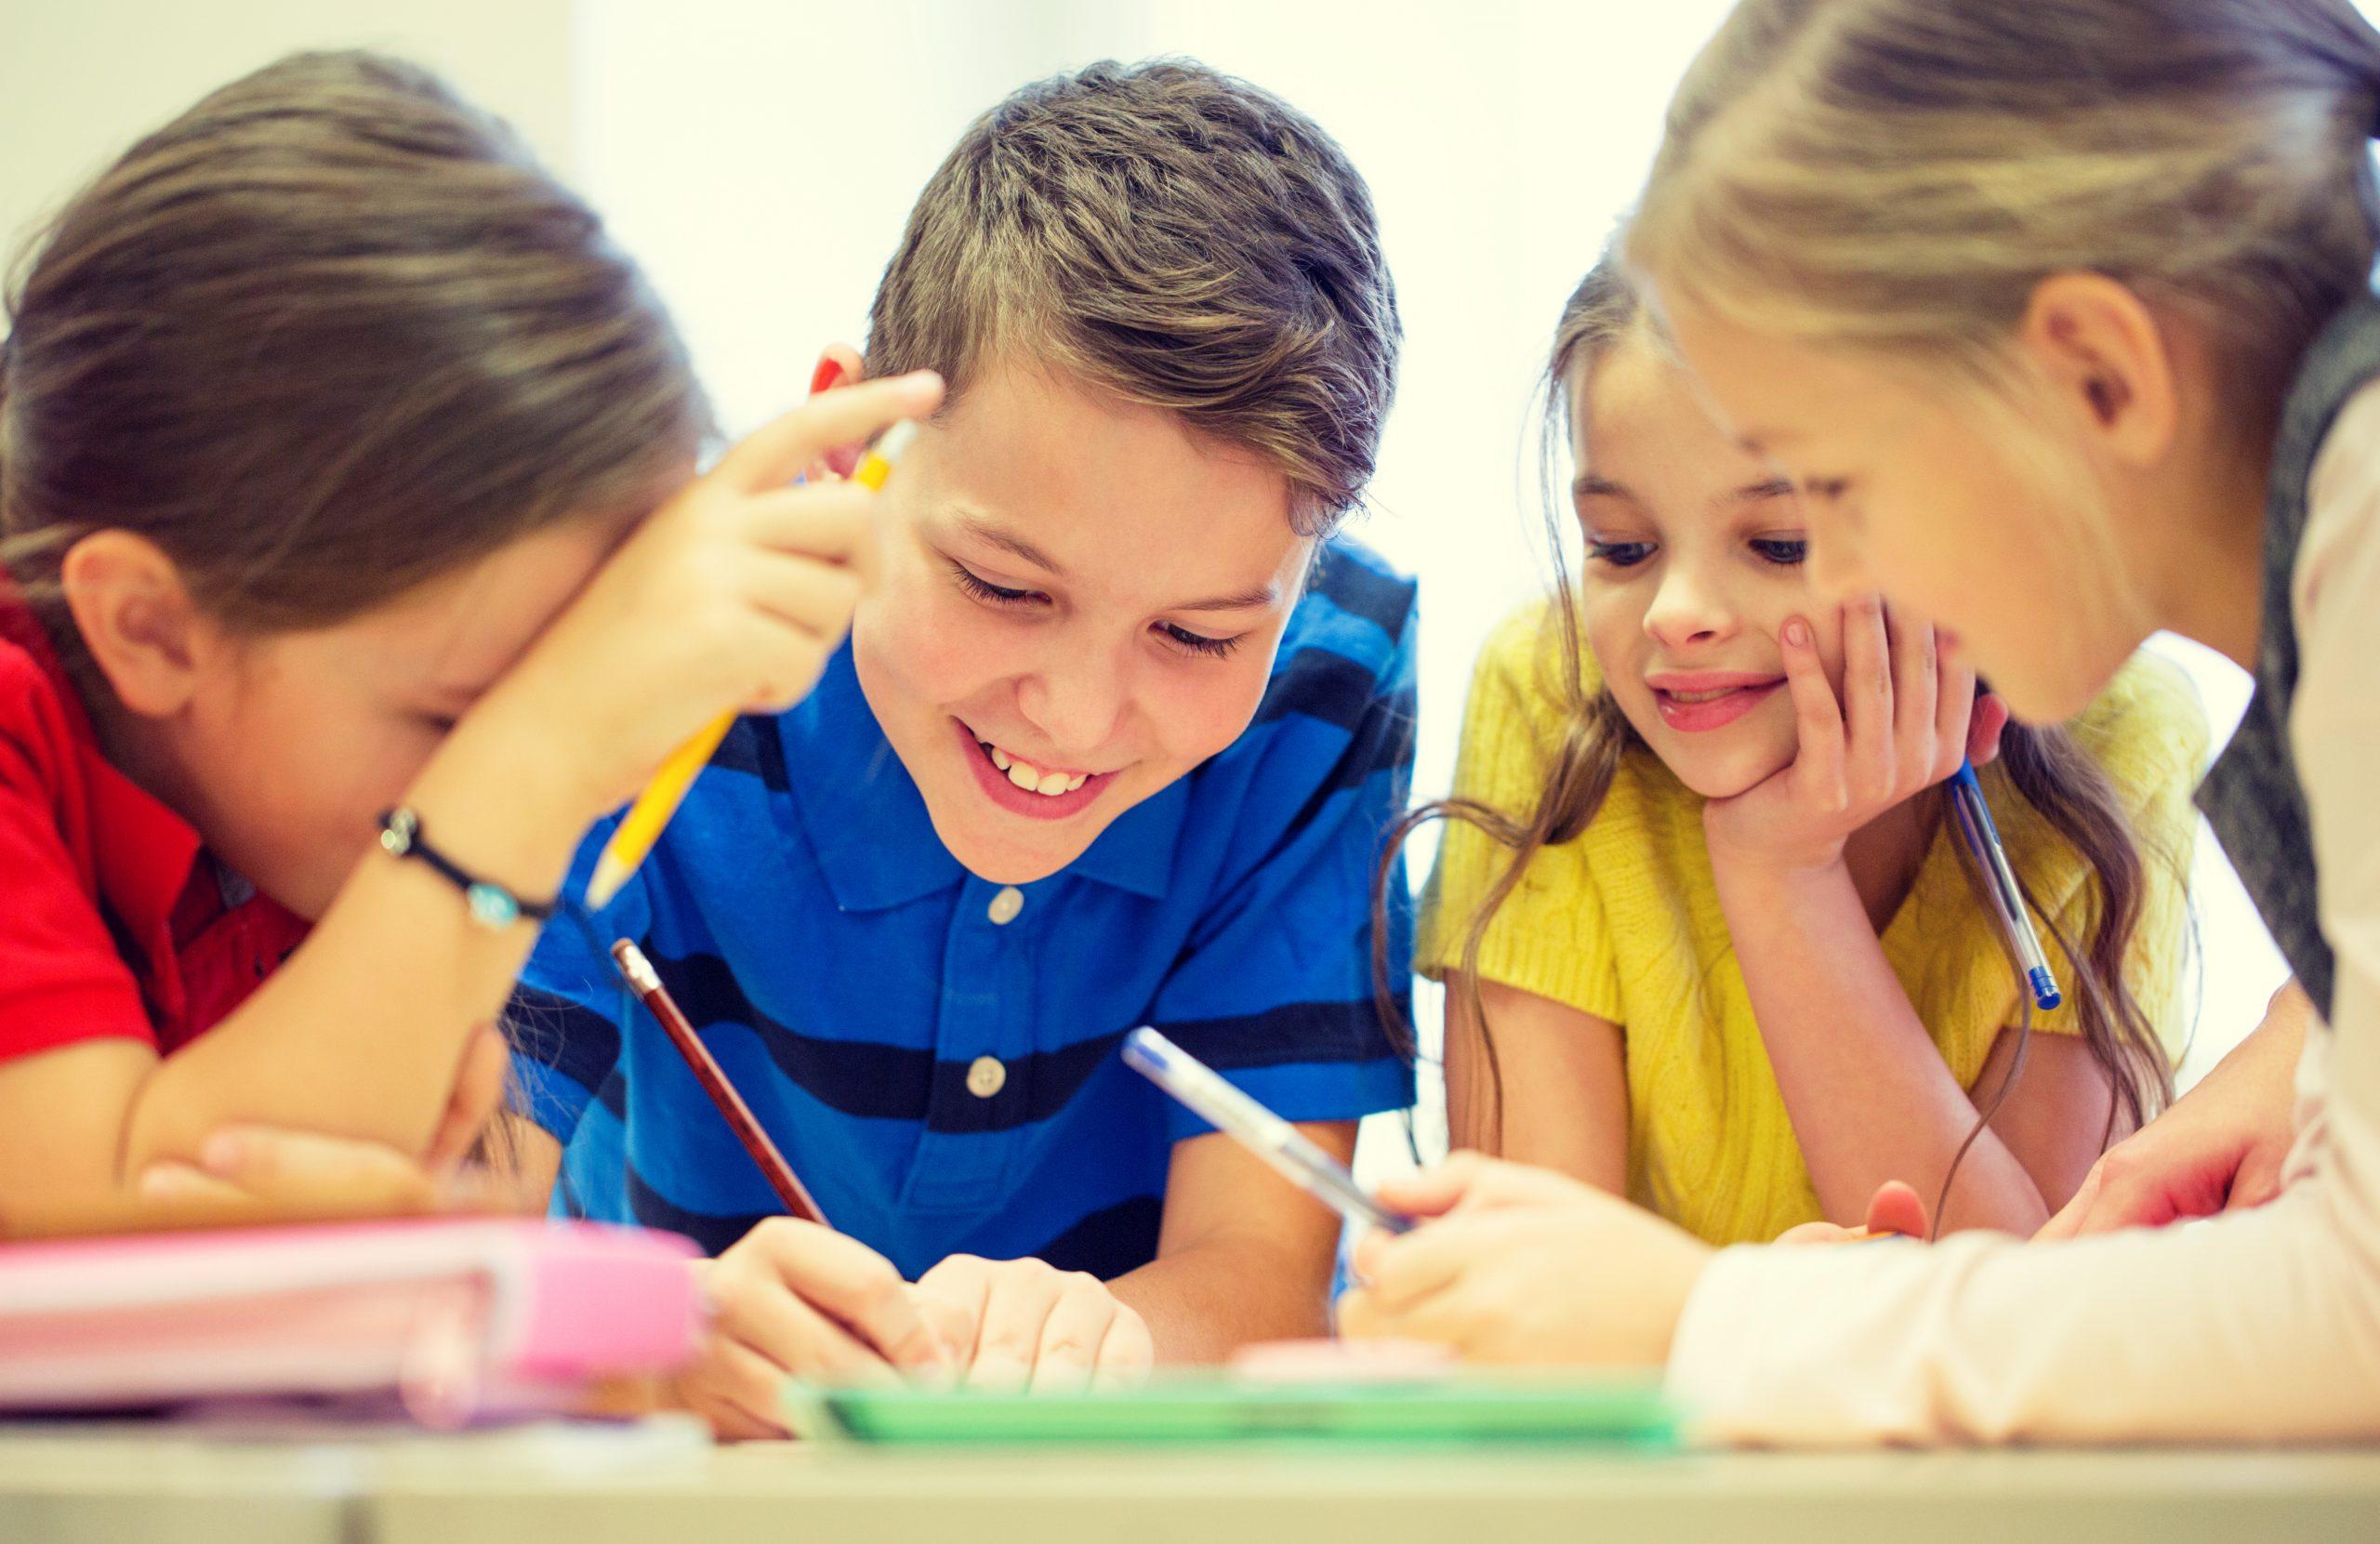 Les cercles d'auteurs pour soutenir les élèves en difficulté en écriture